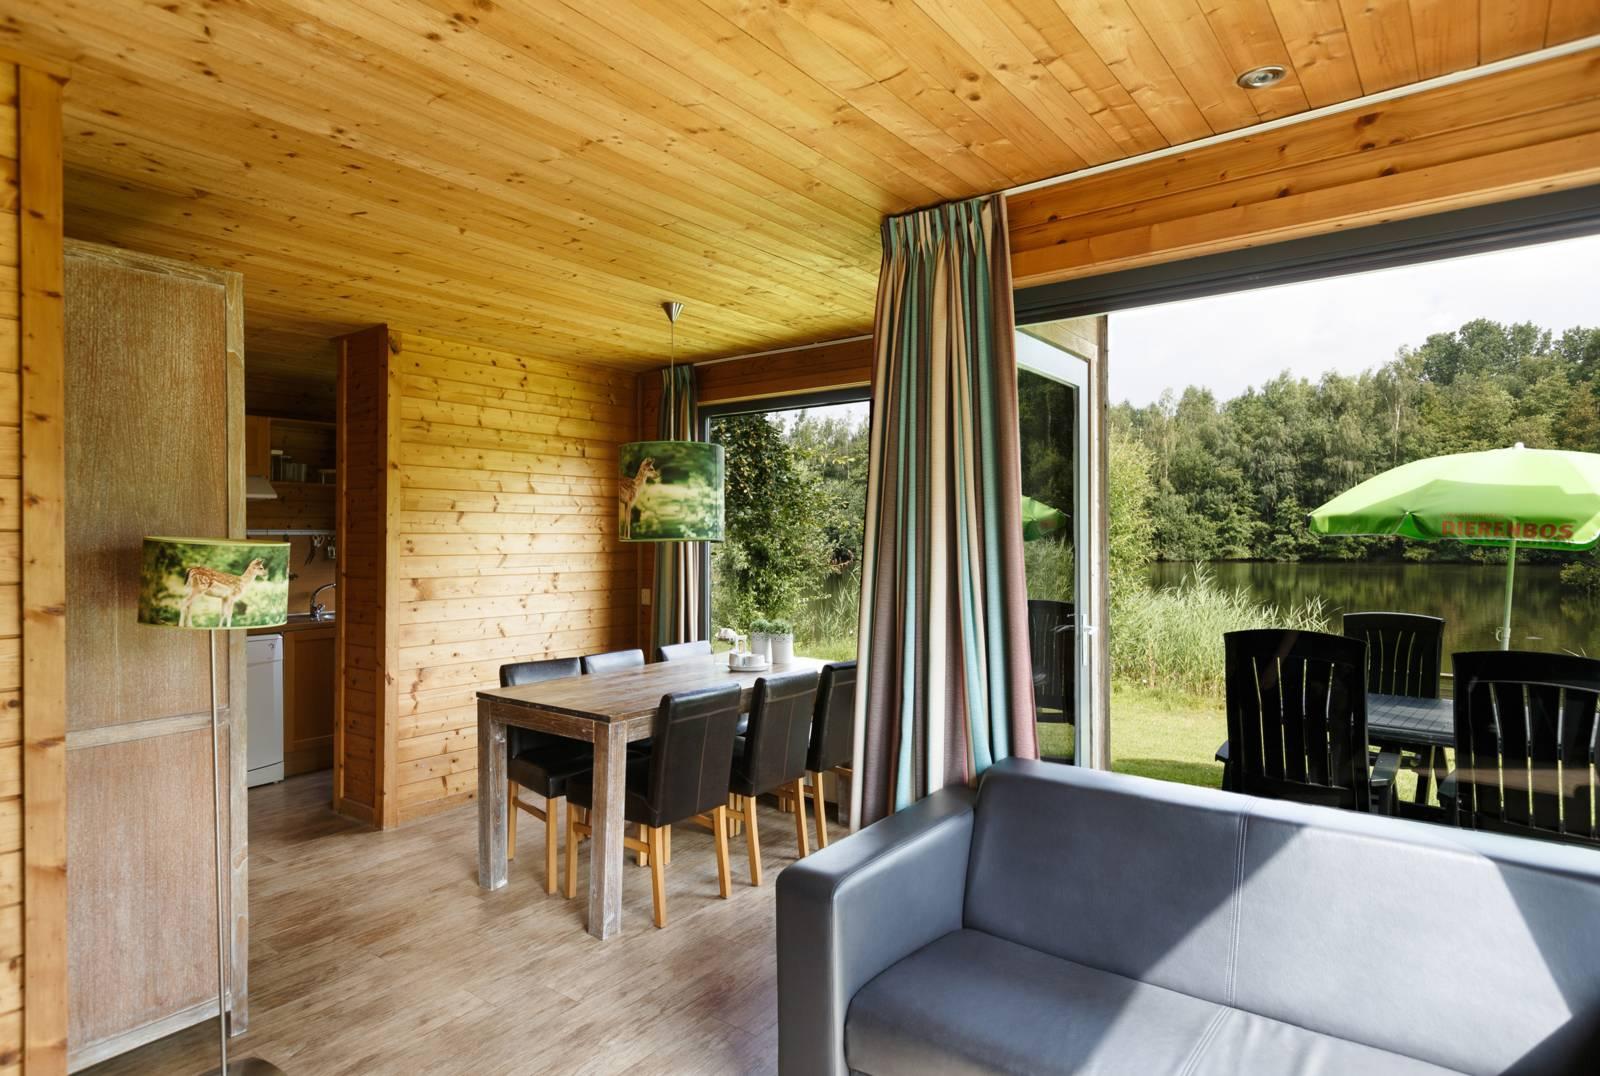 Luxe Bungalow Damhert 6-persoons vakantiehuis